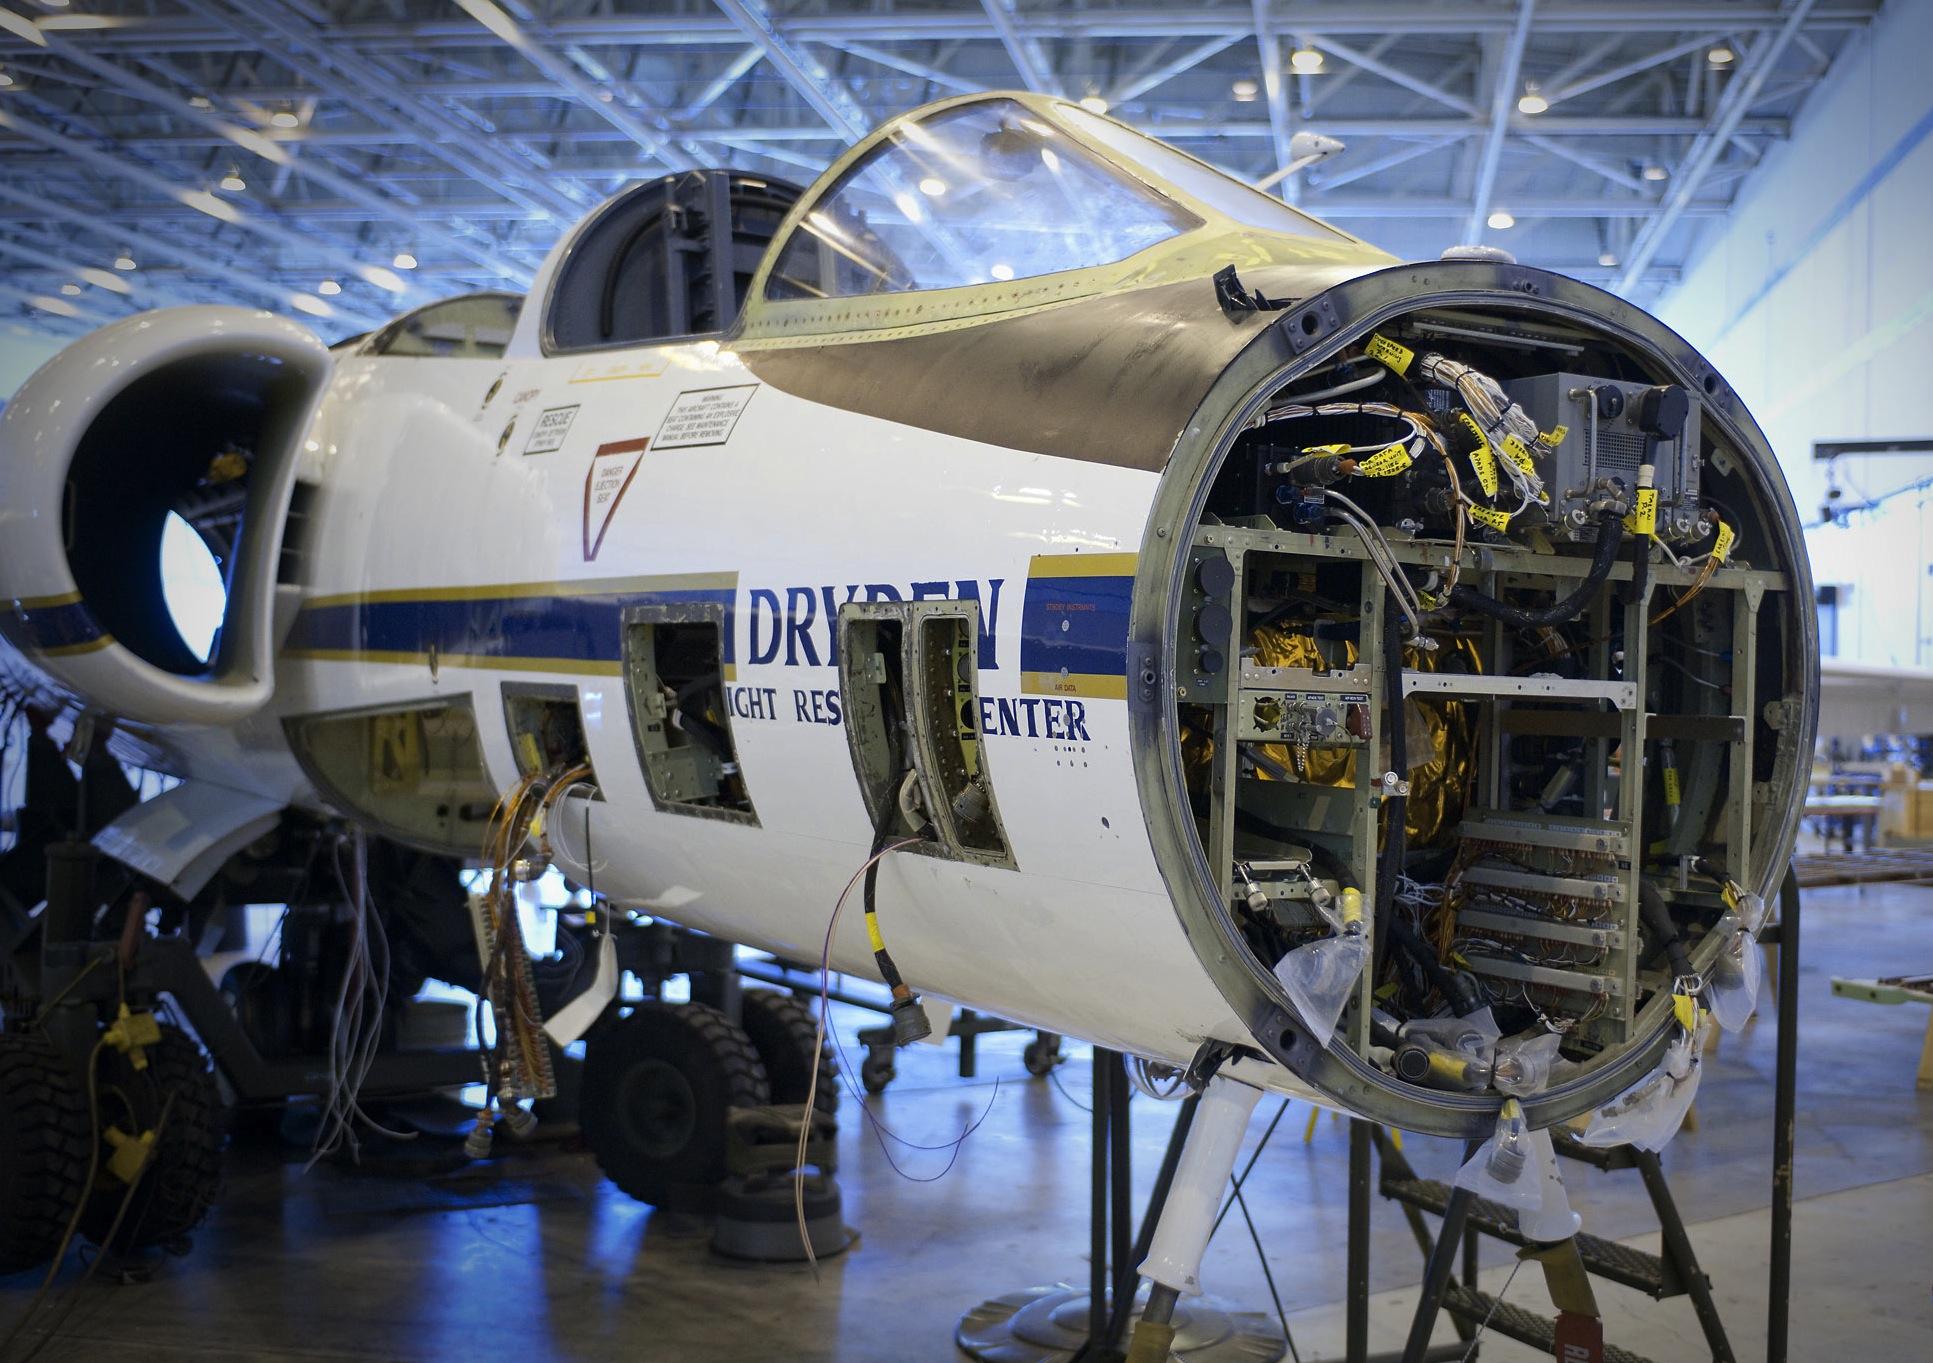 nasa aircraft inventory - HD1933×1363